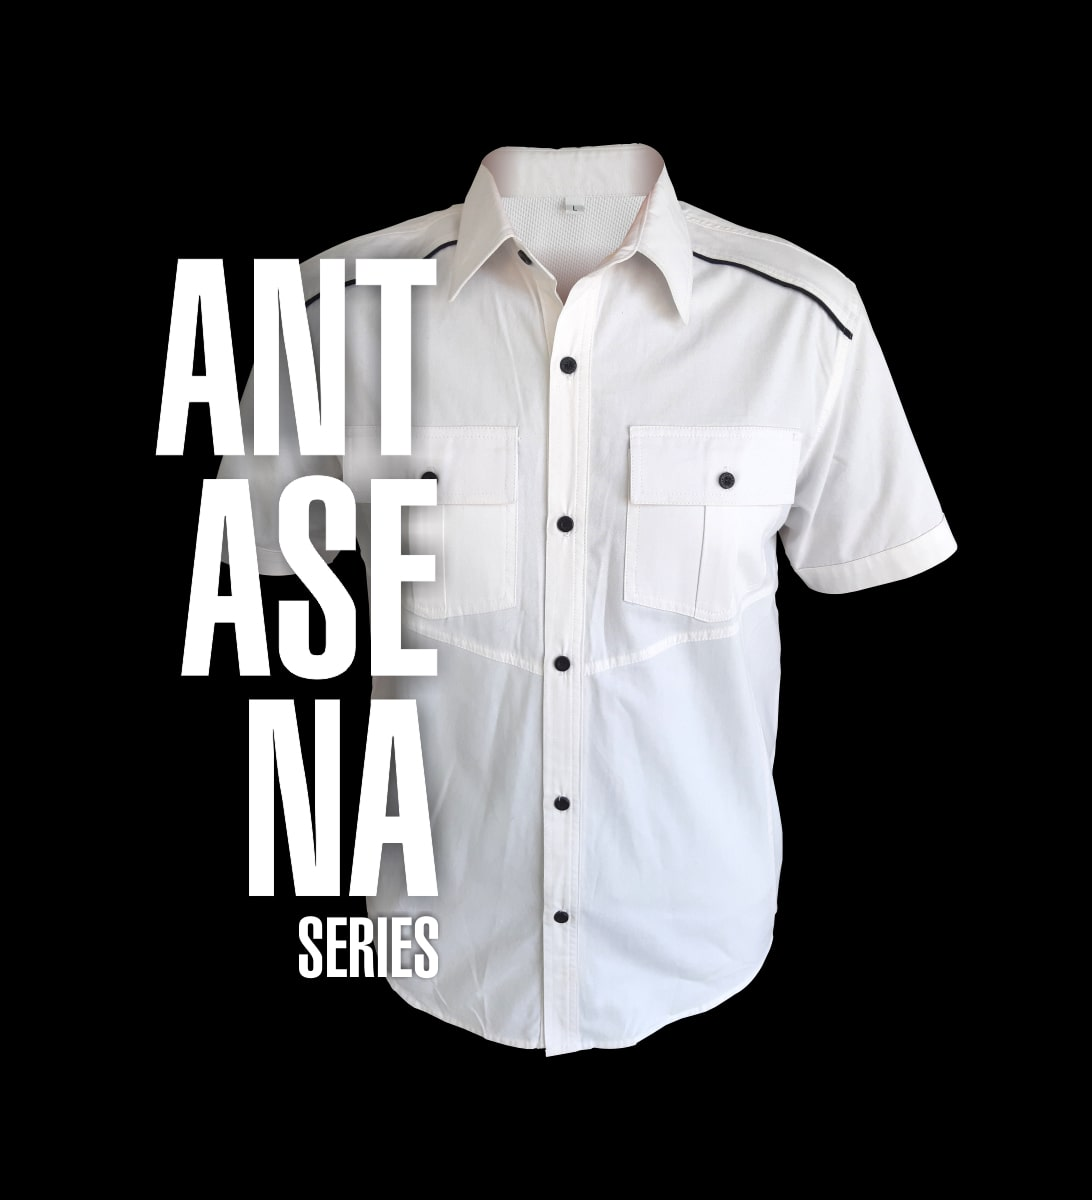 Baju Tactical Antasena Series